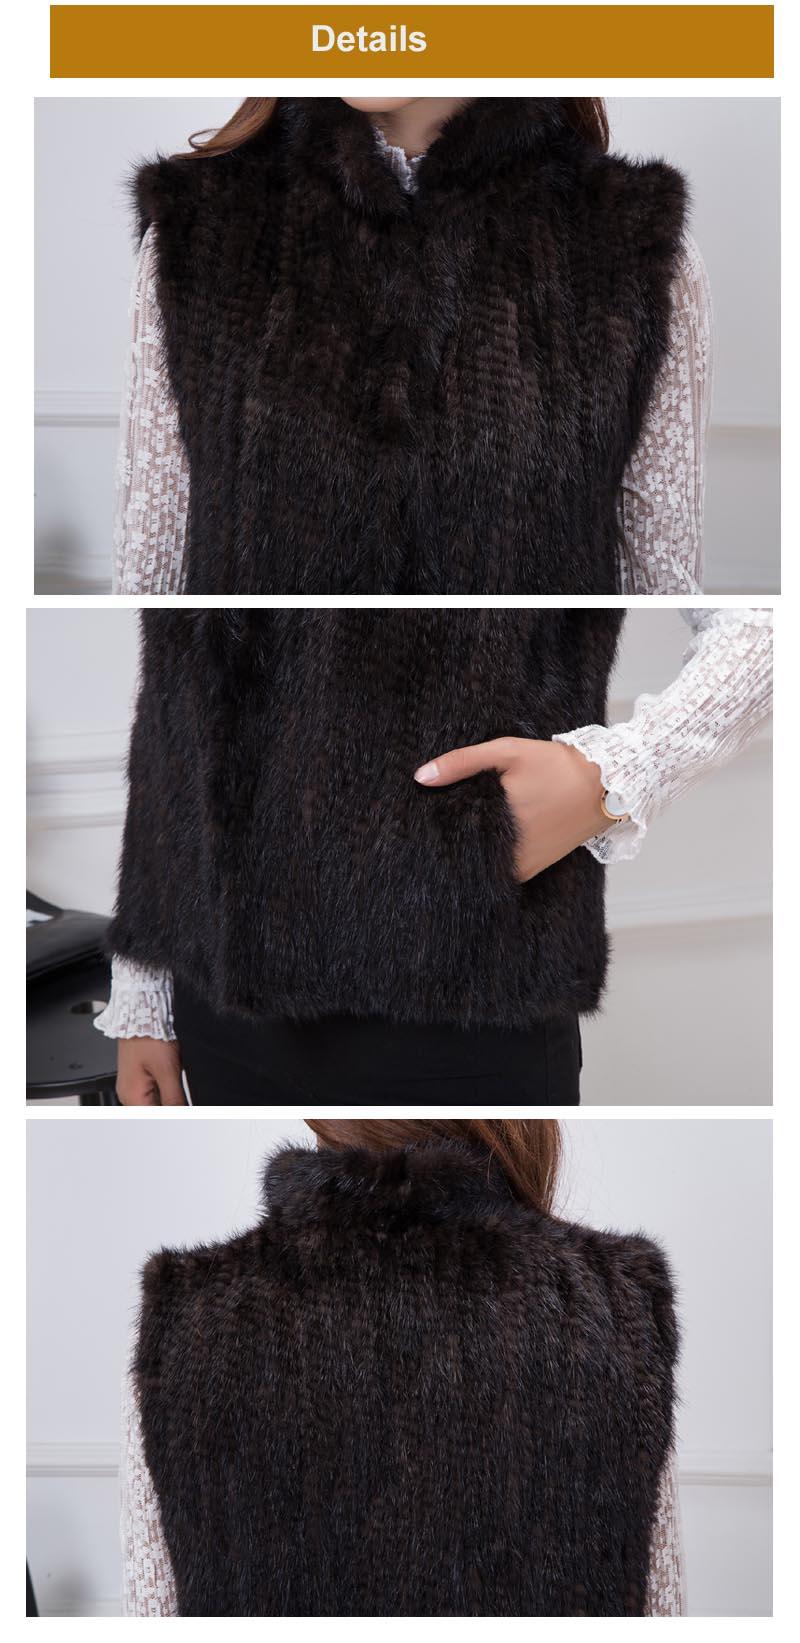 mink fur vest details